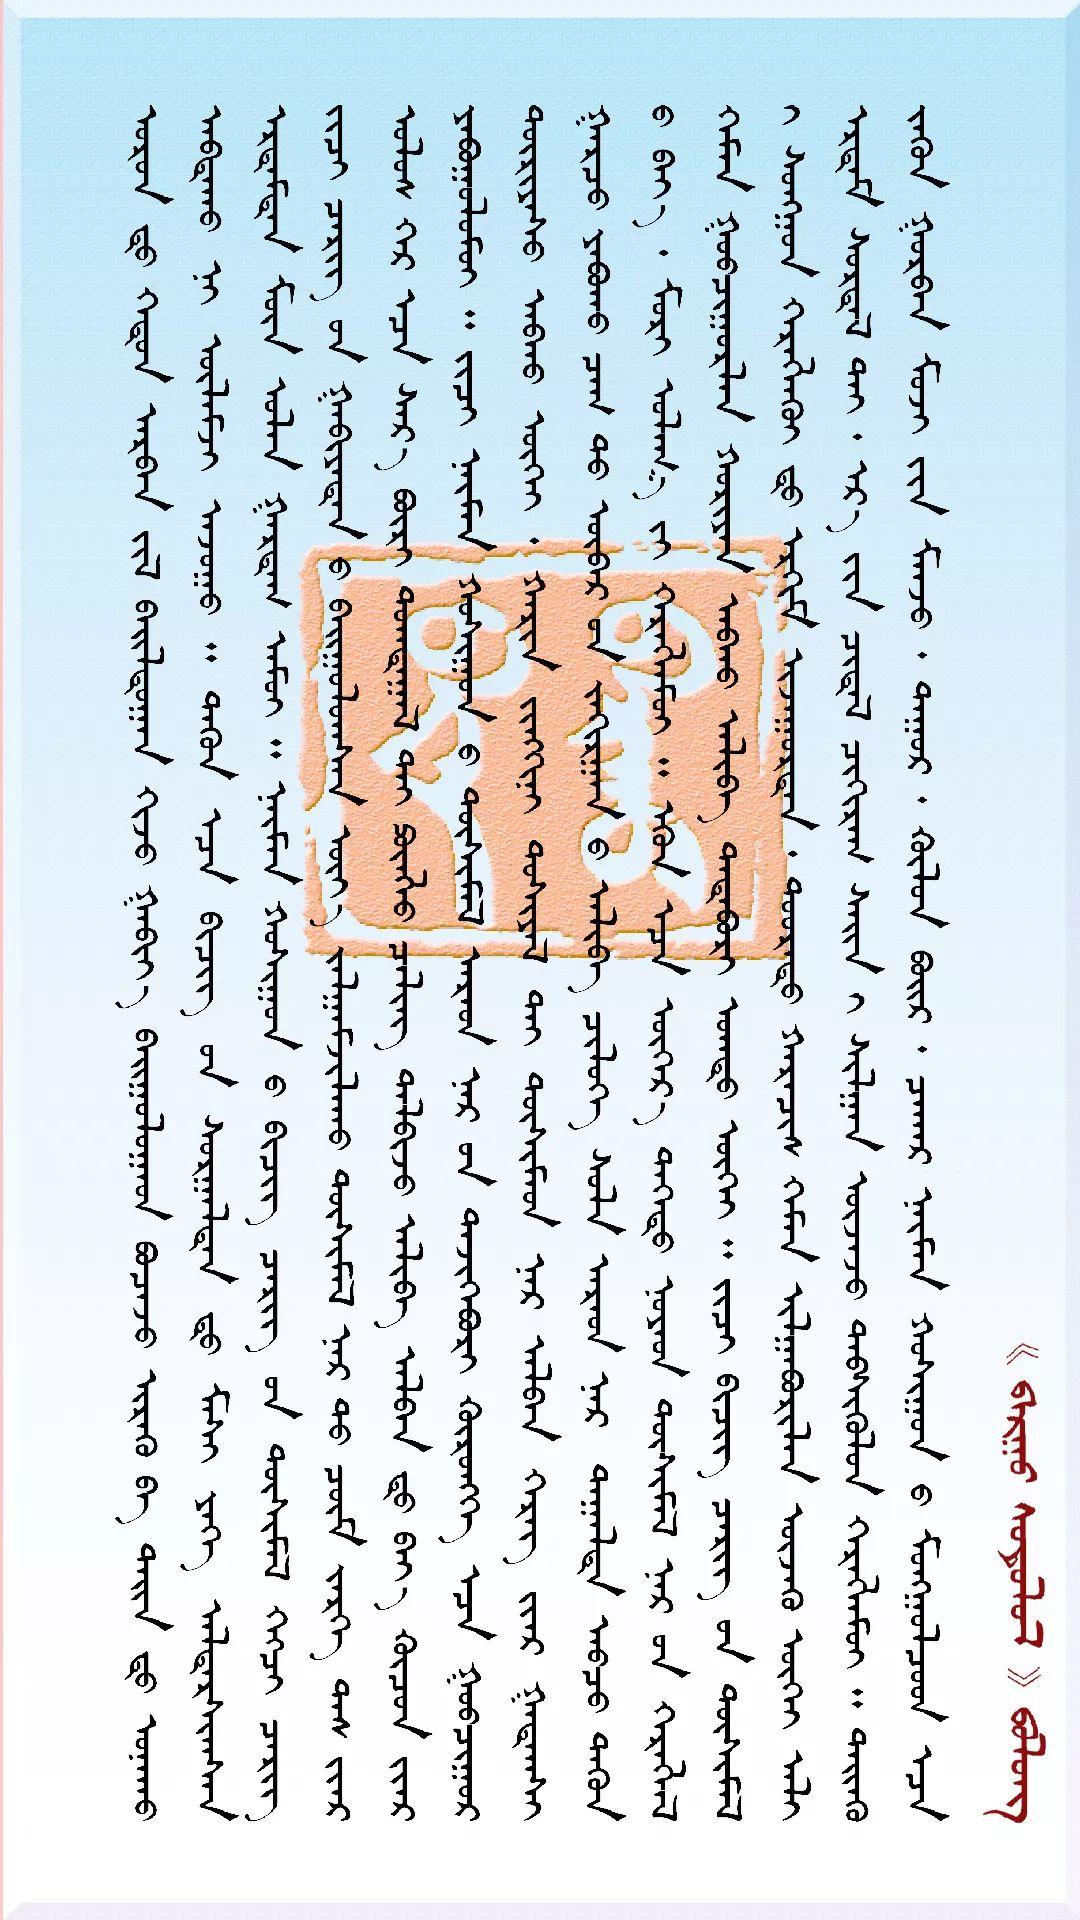 巴尔虎研究【第四期】 第12张 巴尔虎研究【第四期】 蒙古文化